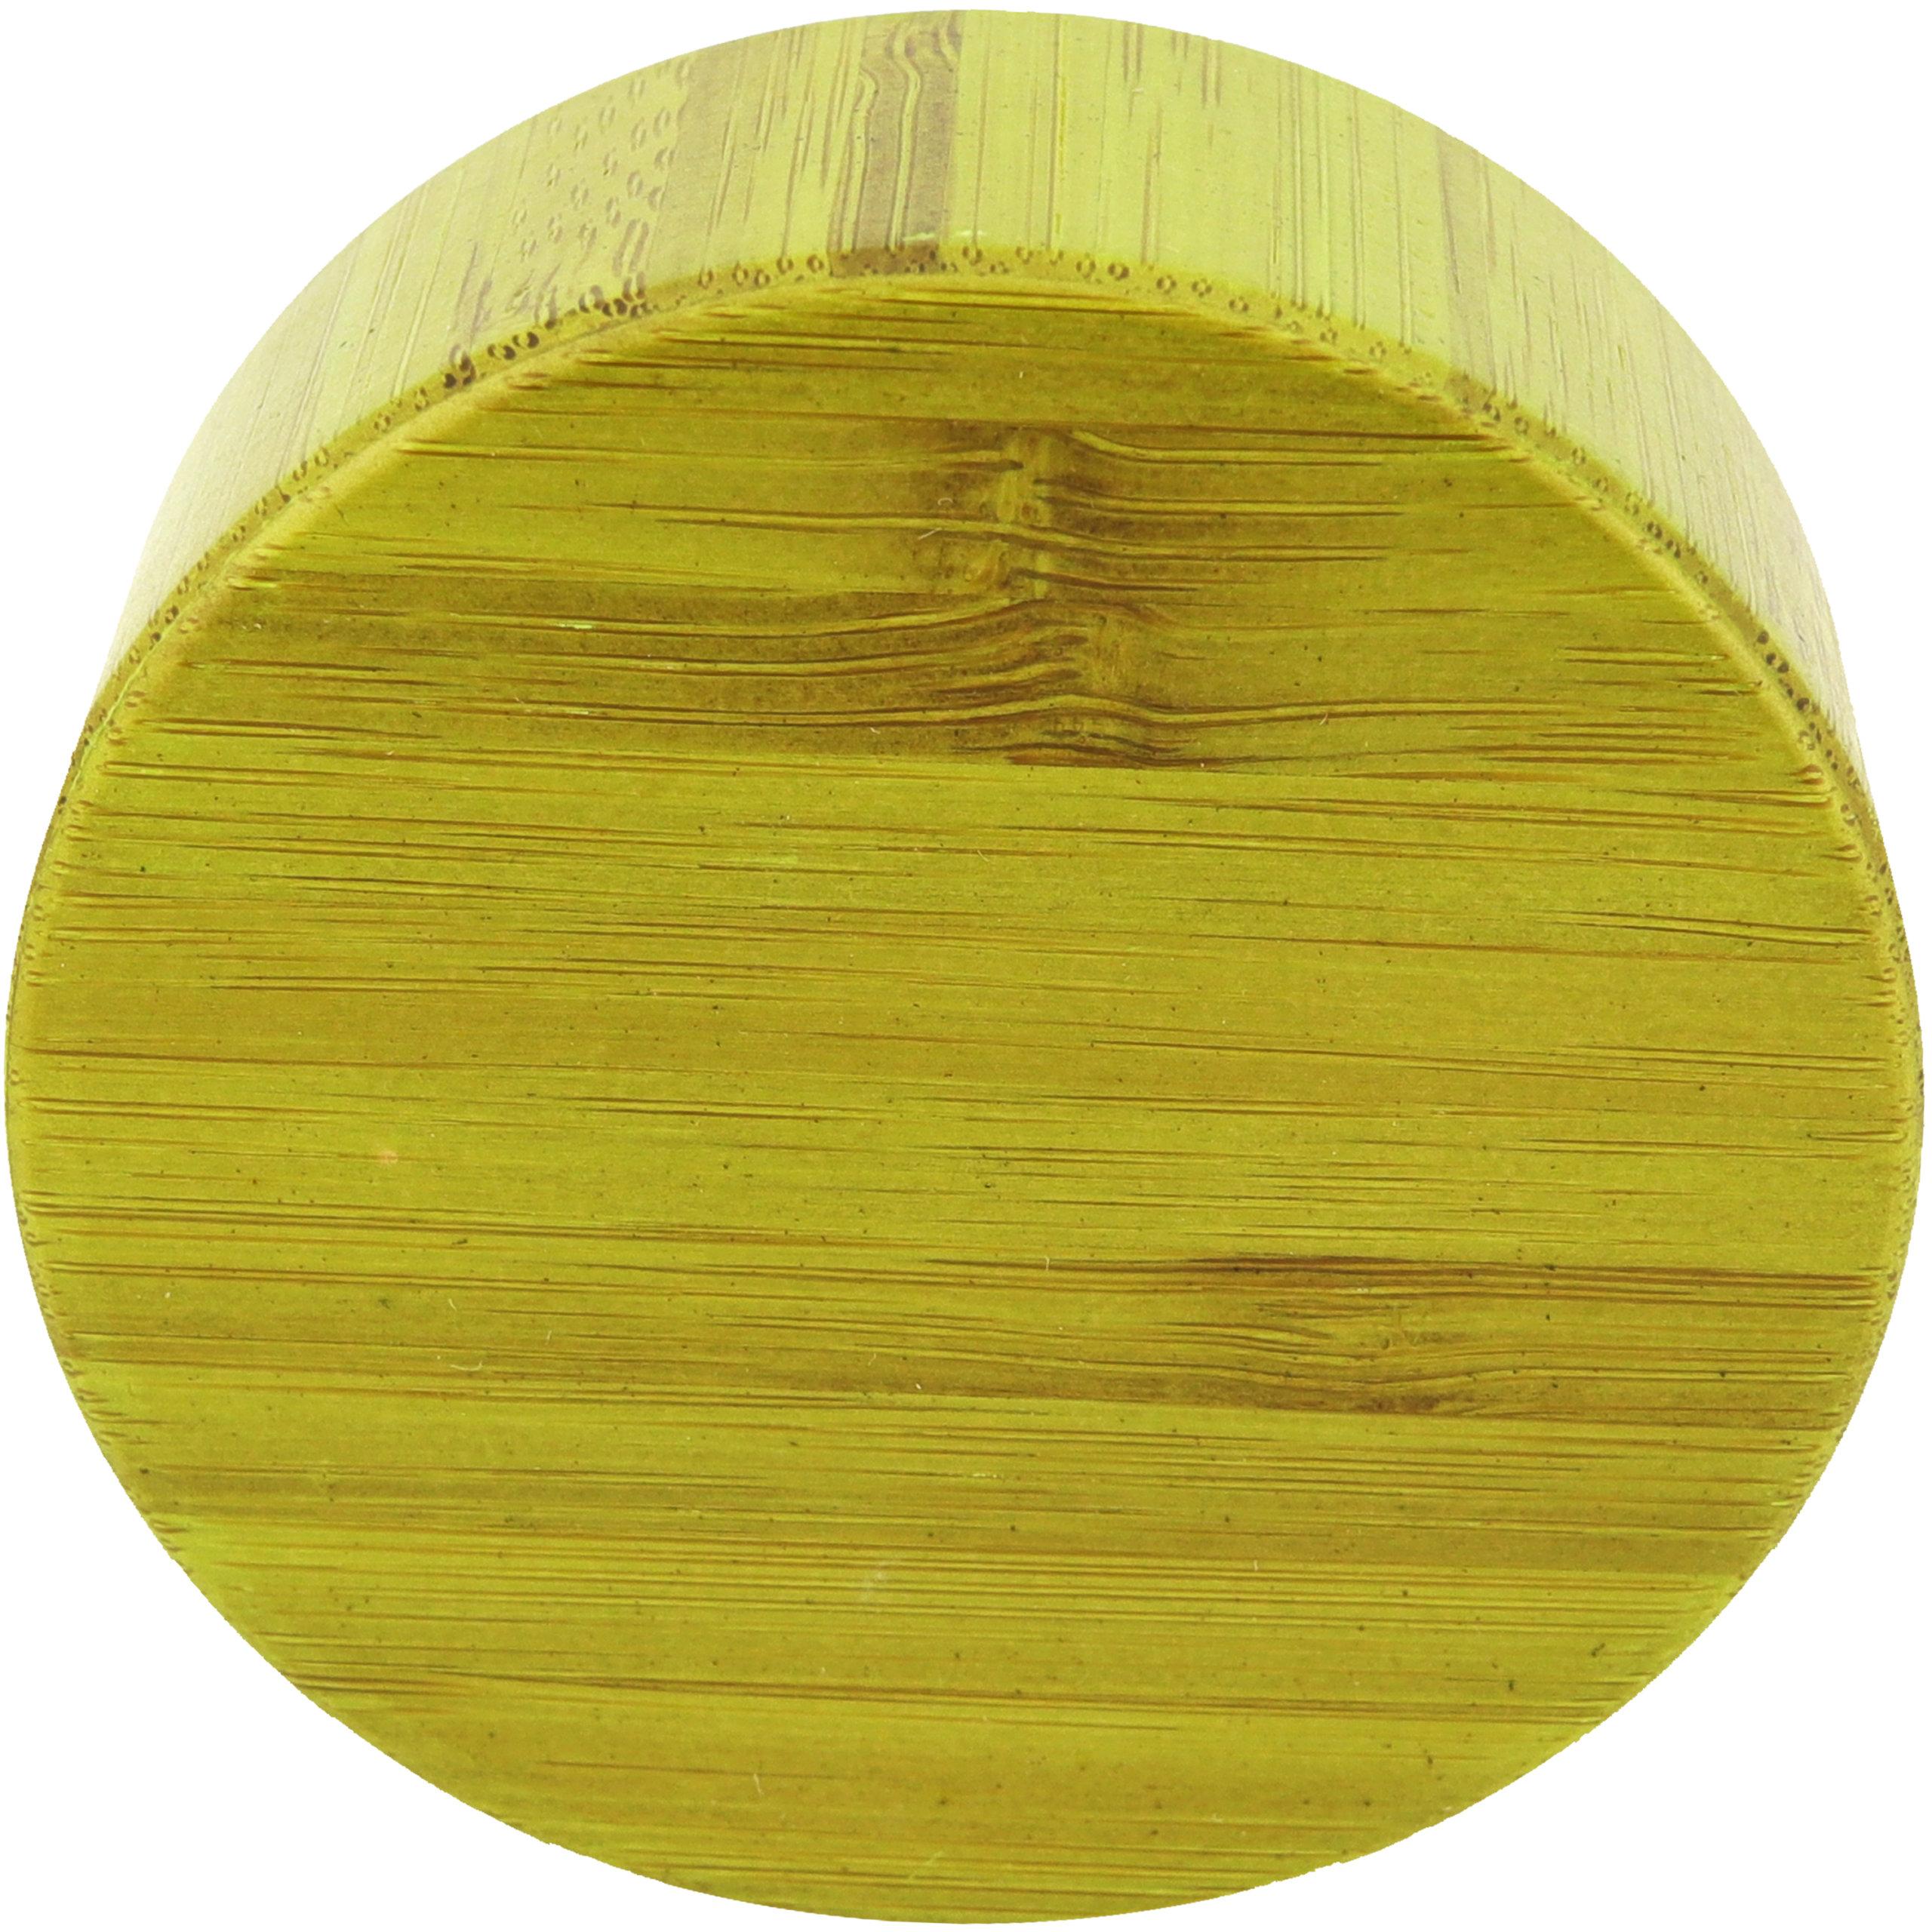 amapodo Ersatzdeckel Bambus Grün passend für 400ml Glasflaschen - Edelstahlkern mit Teesieb Ablage BPA-Frei